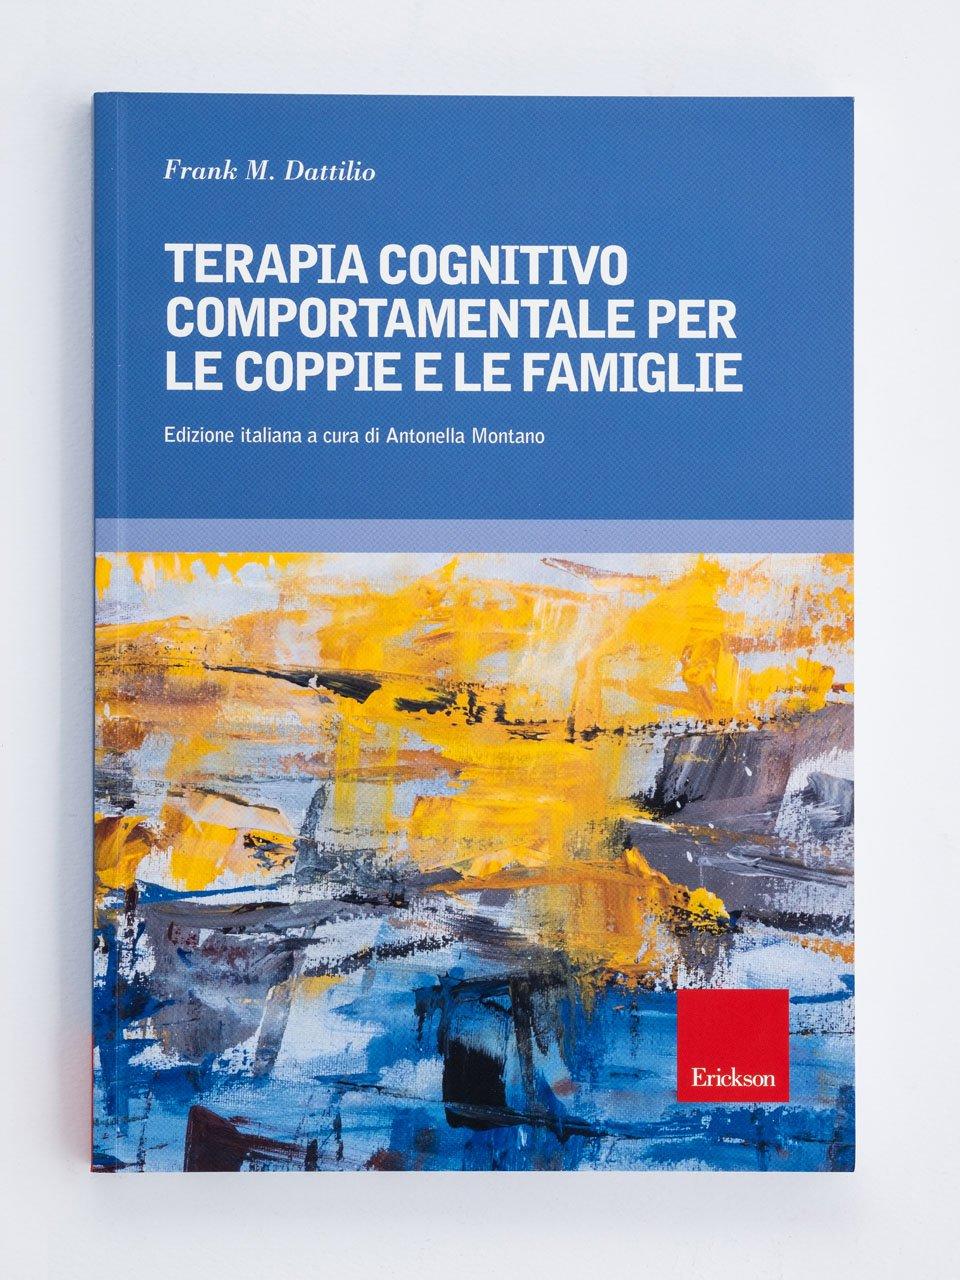 Terapia cognitivo comportamentale per le coppie e le famiglie - Lavoro sociale - Riviste - Erickson